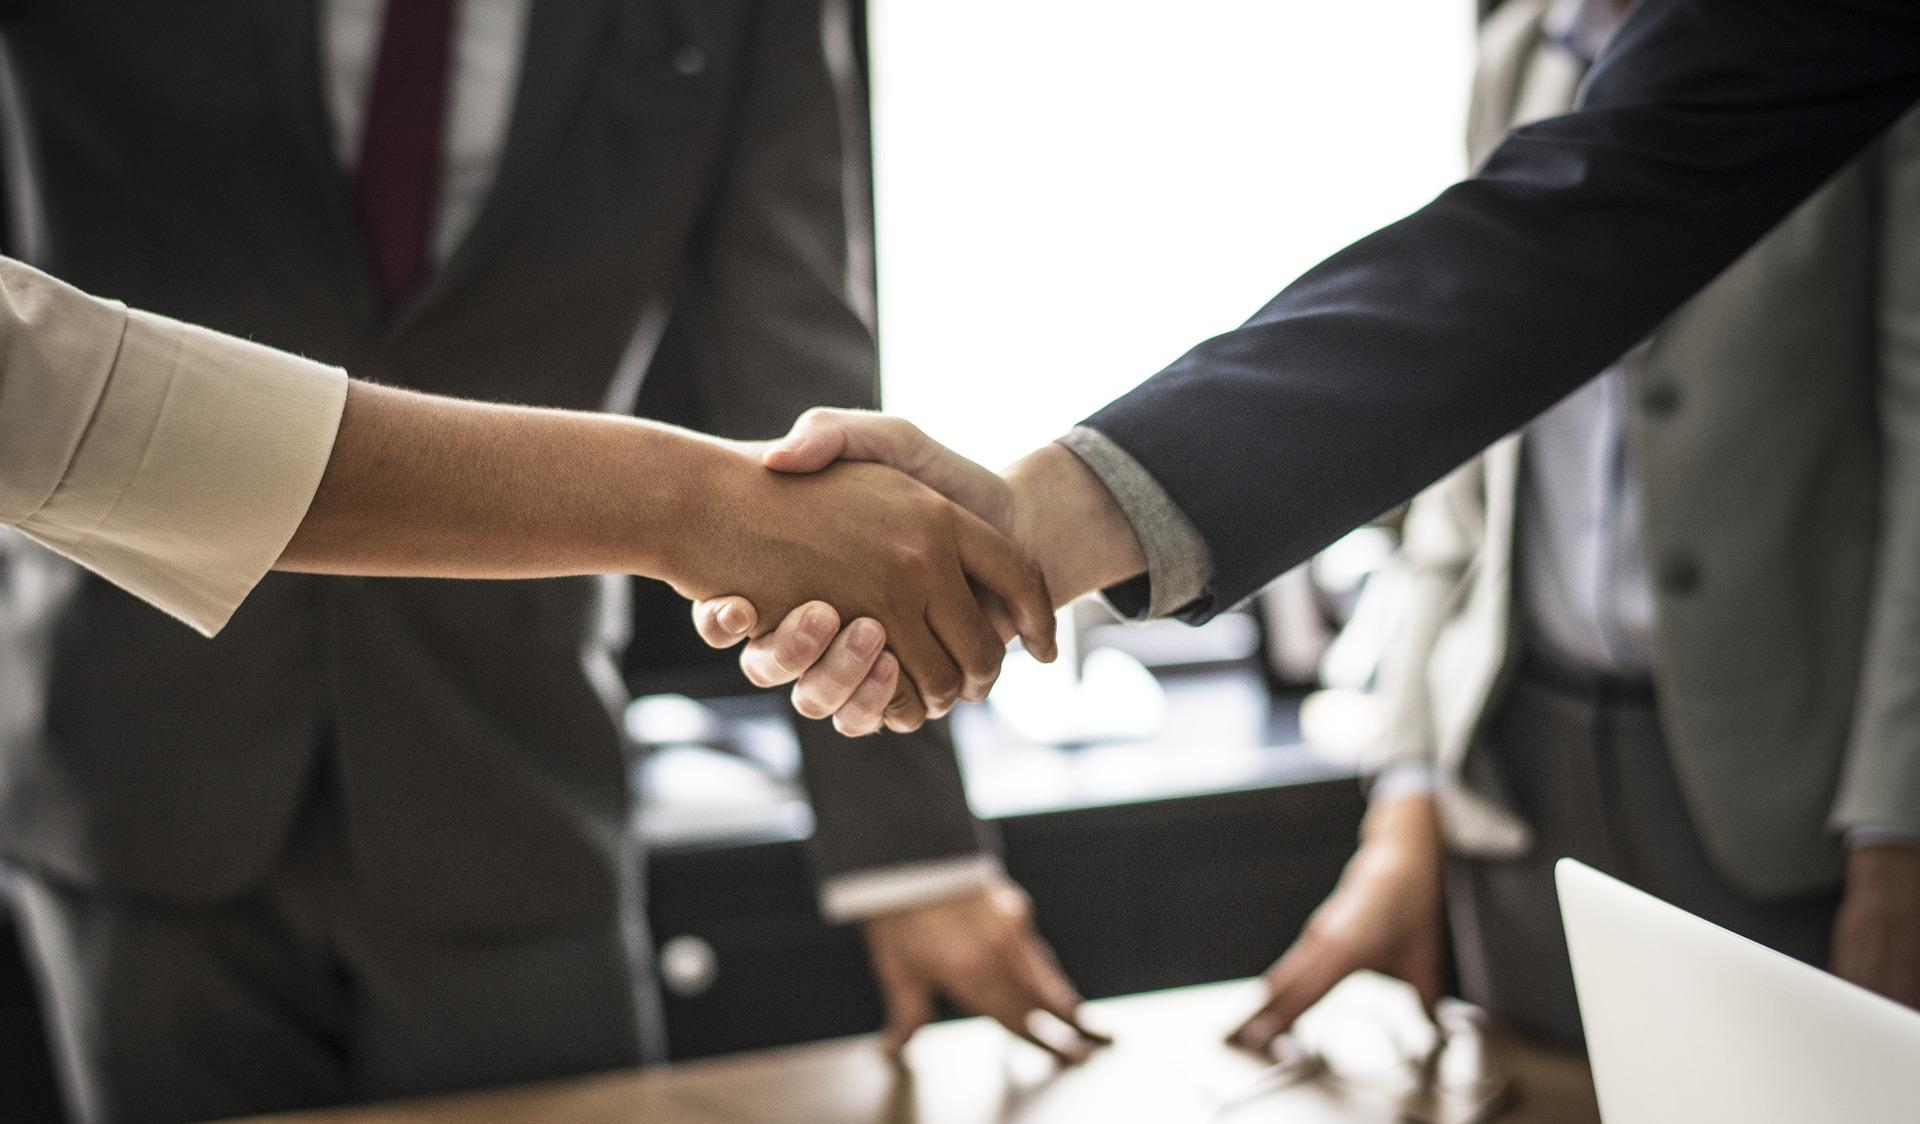 Verhandlung Agreement